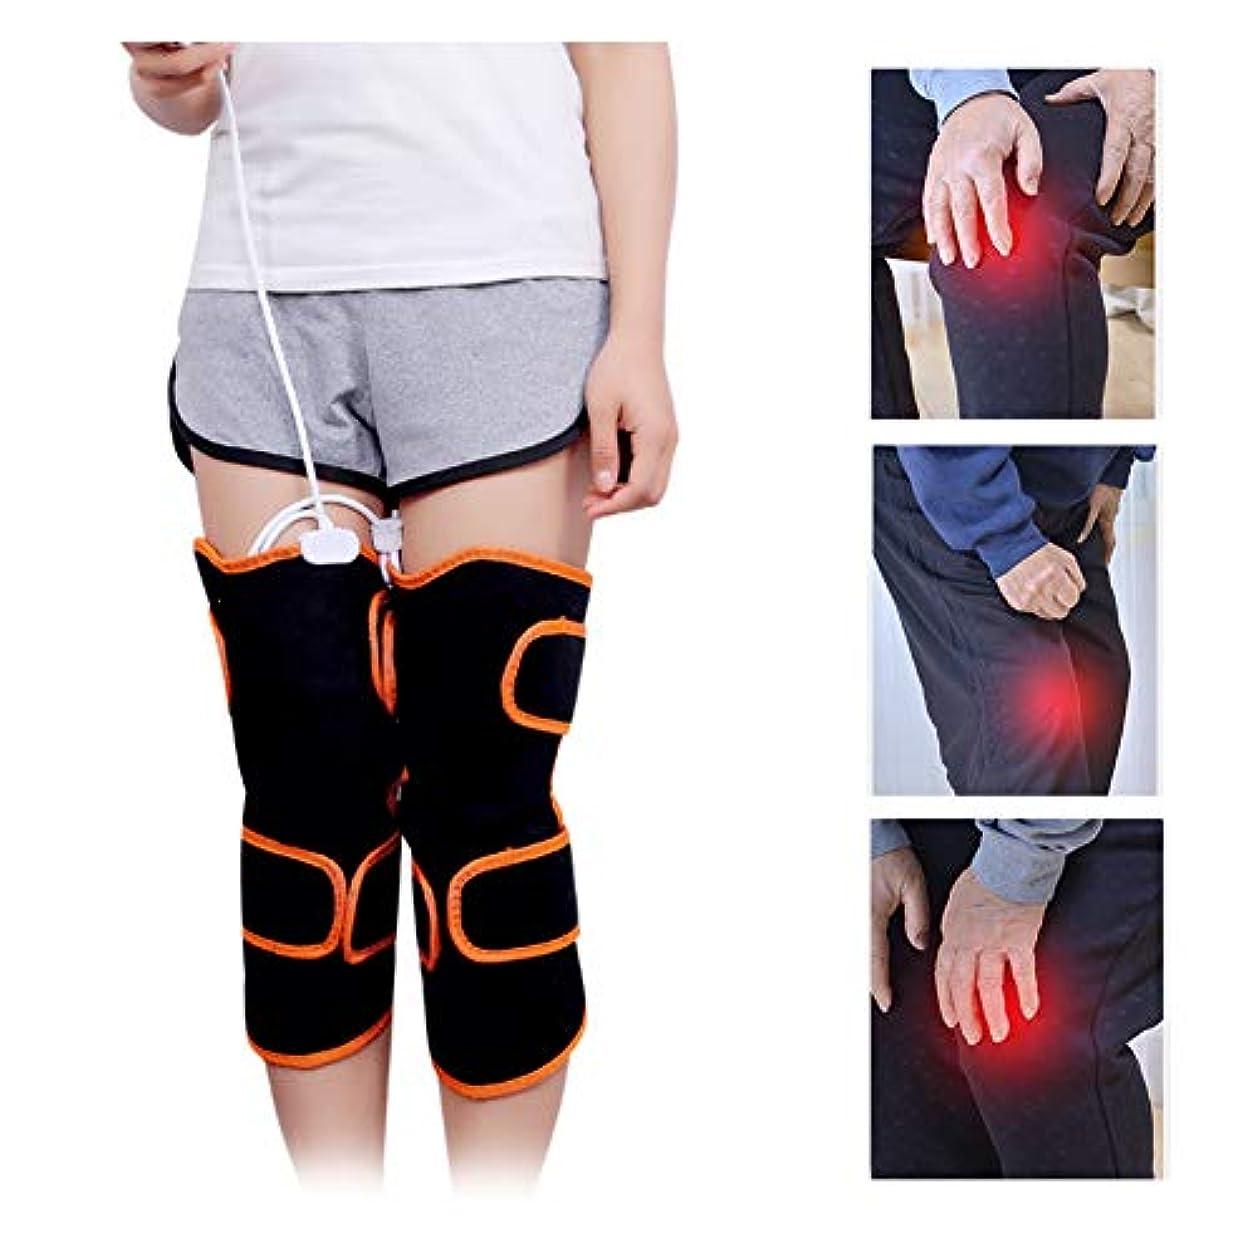 従者開拓者感謝9種類のマッサージモードと5種類の速度の膝温熱パッド付き加熱膝装具-膝の怪我、痛みを軽減するセラピーラップマッサージャー